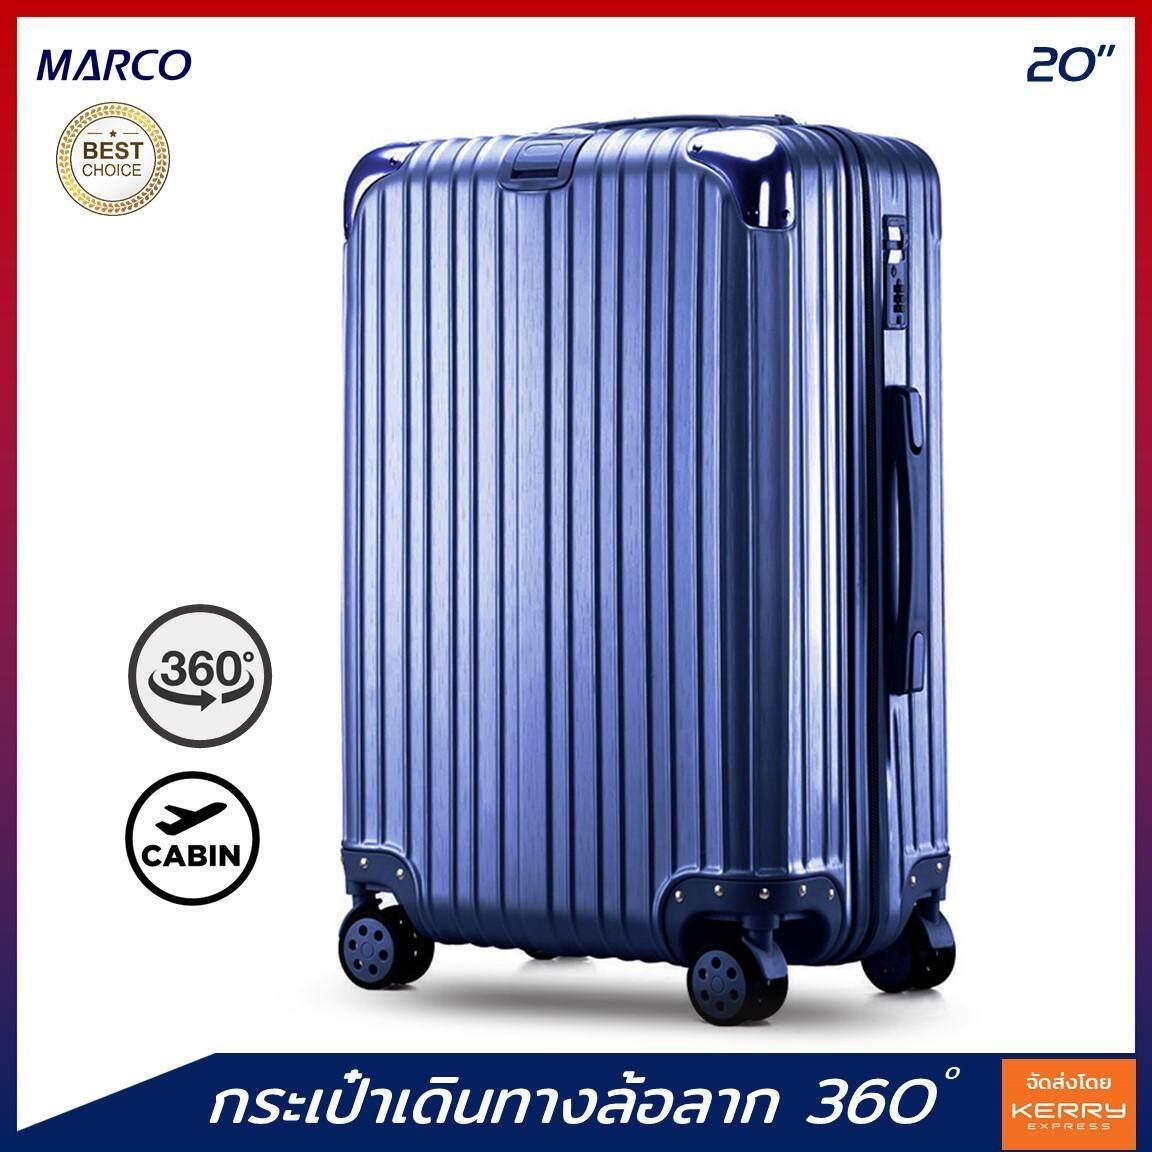 """กระเป๋าล้อลาก 20 นิ้ว ล้อหมุน 360องศา กระเป๋าเดินทางล้อลาก วัสดุPC+ABS กรอบอลูมิเนียม แข็งแรงทนทาน กระเป๋าเดินทางขึ้นเครื่อง (carry on) Travel Suitcase 20"""" Luggage Cabin Size For Men Women Unisex"""